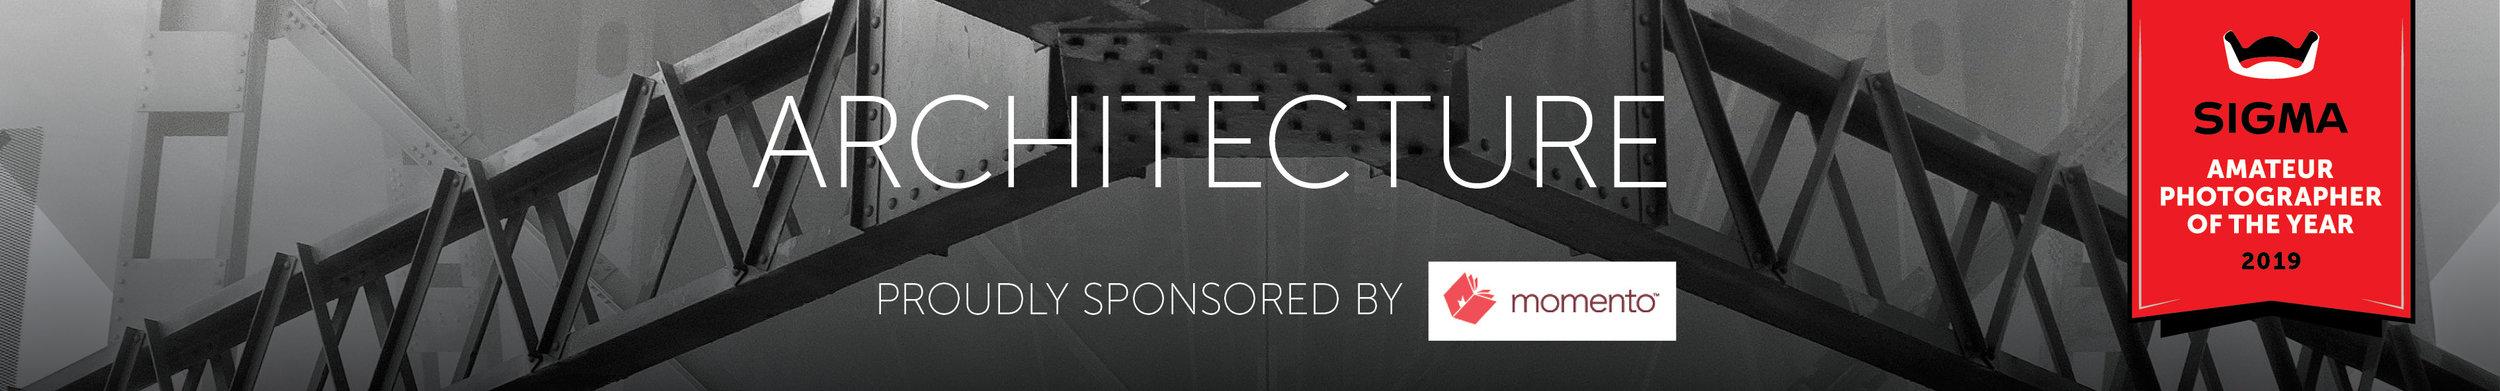 Architecture 320x50px.jpg